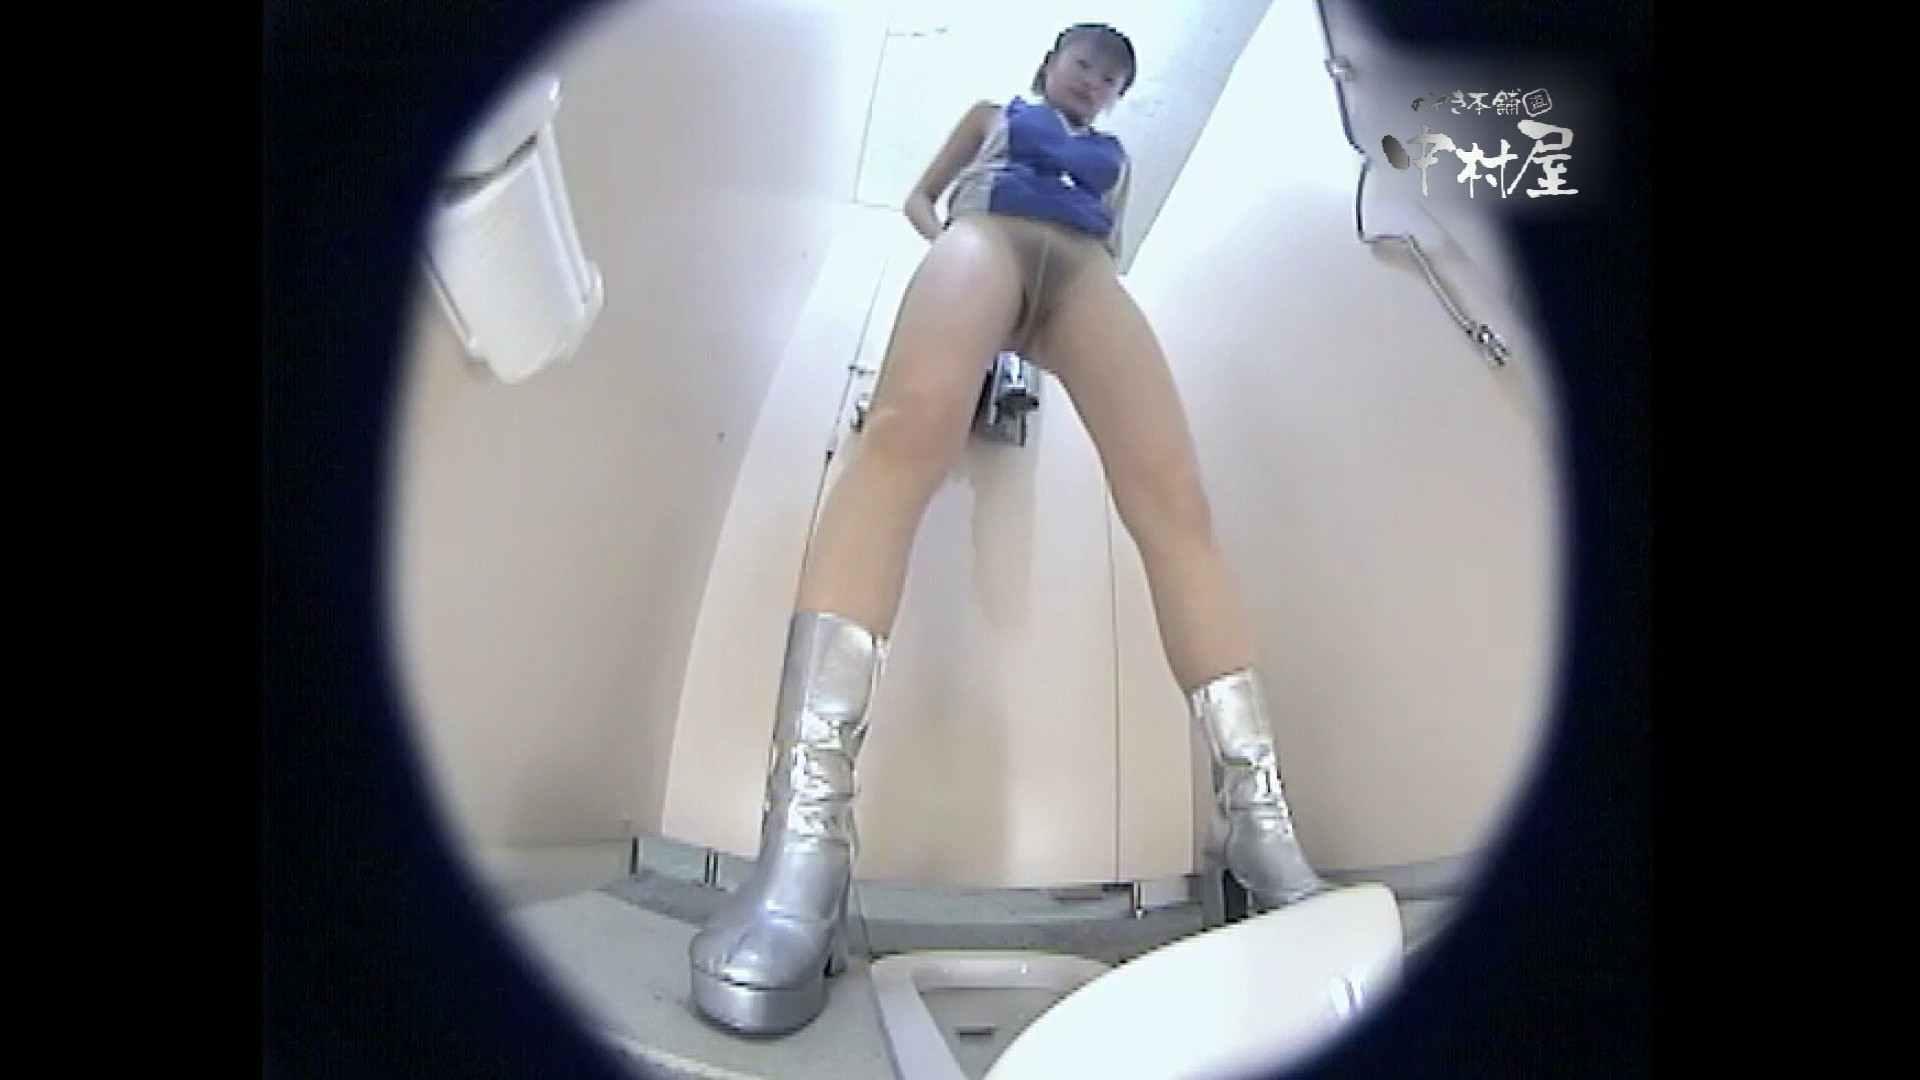 レースクィーントイレ盗撮!Vol.05 レースクィーンヌード | トイレ  89画像 56